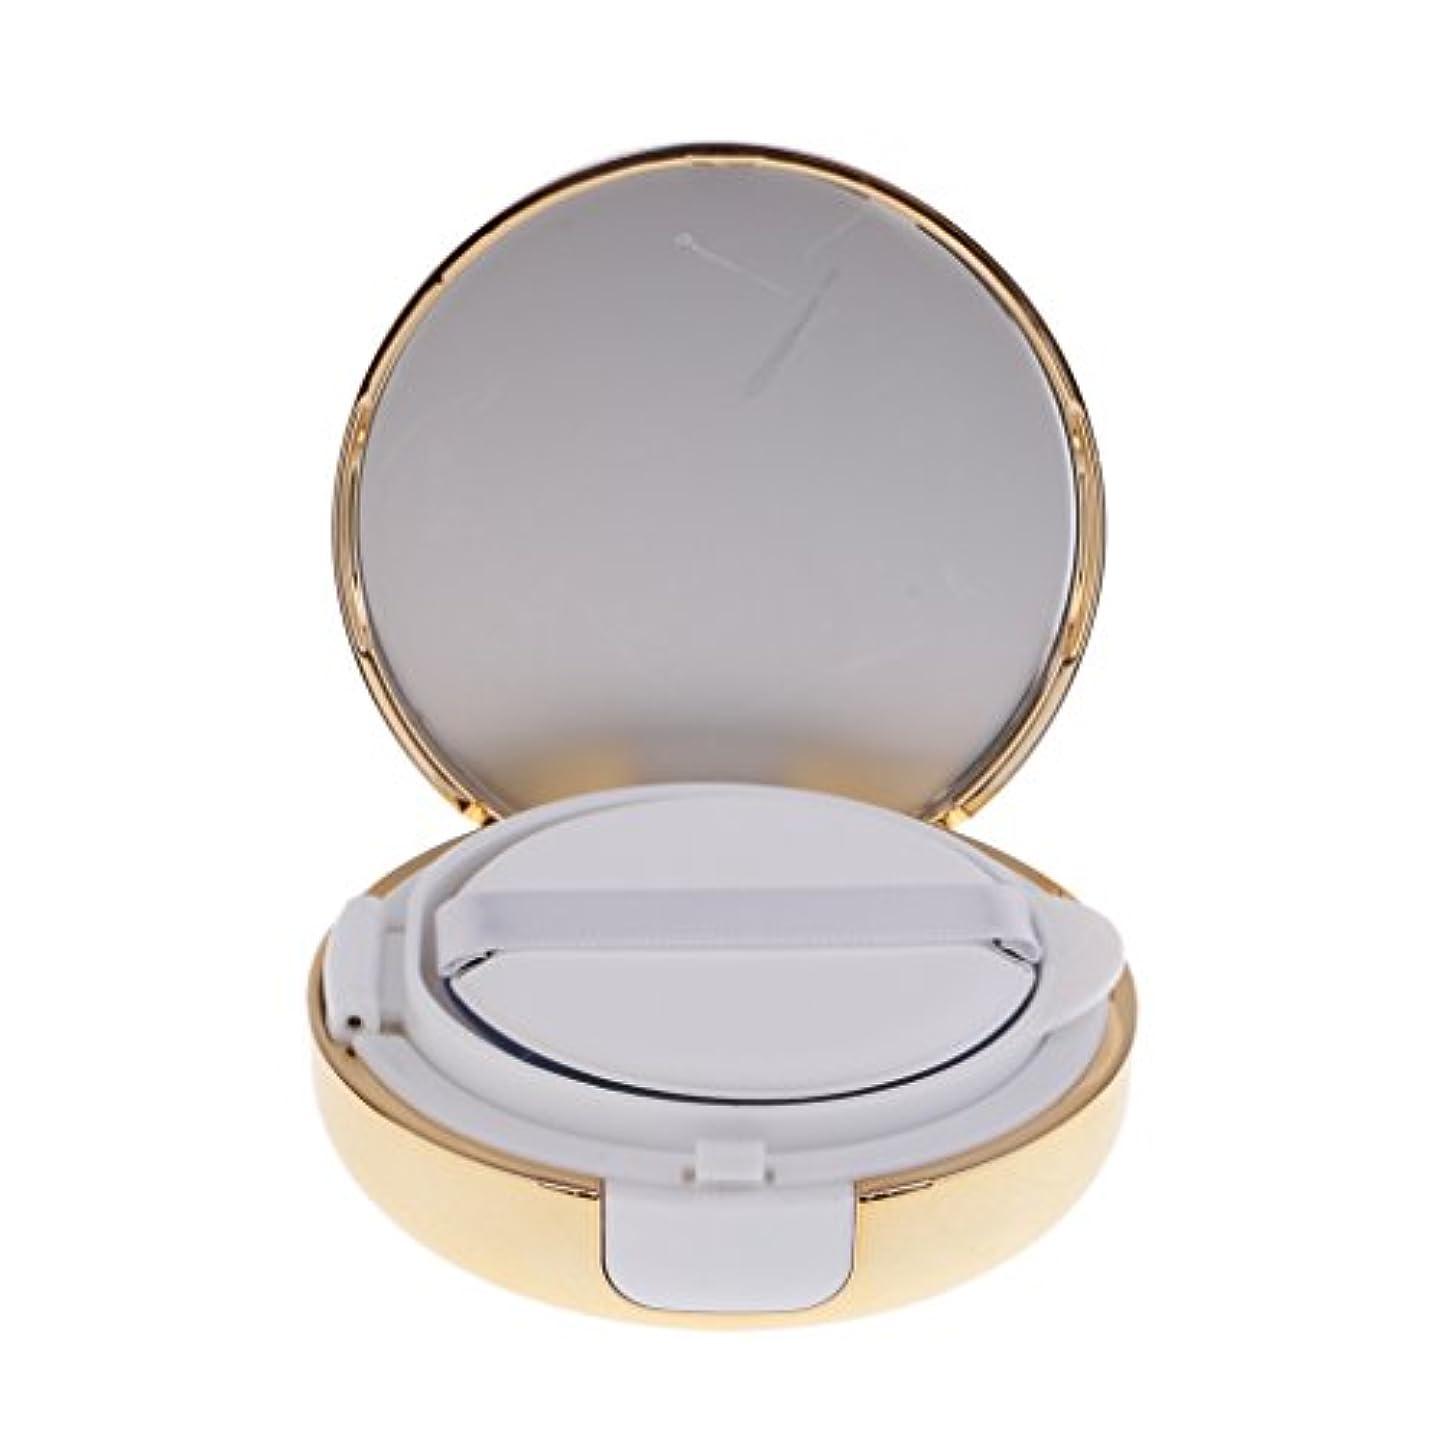 レルム仕える森林Kesoto メイクアップ 空パウダーコンテナ ファンデーションケース エアクッション パフ BBクリーム 詰替え 化粧品 DIY プラスチック製 2色選べる - ゴールド